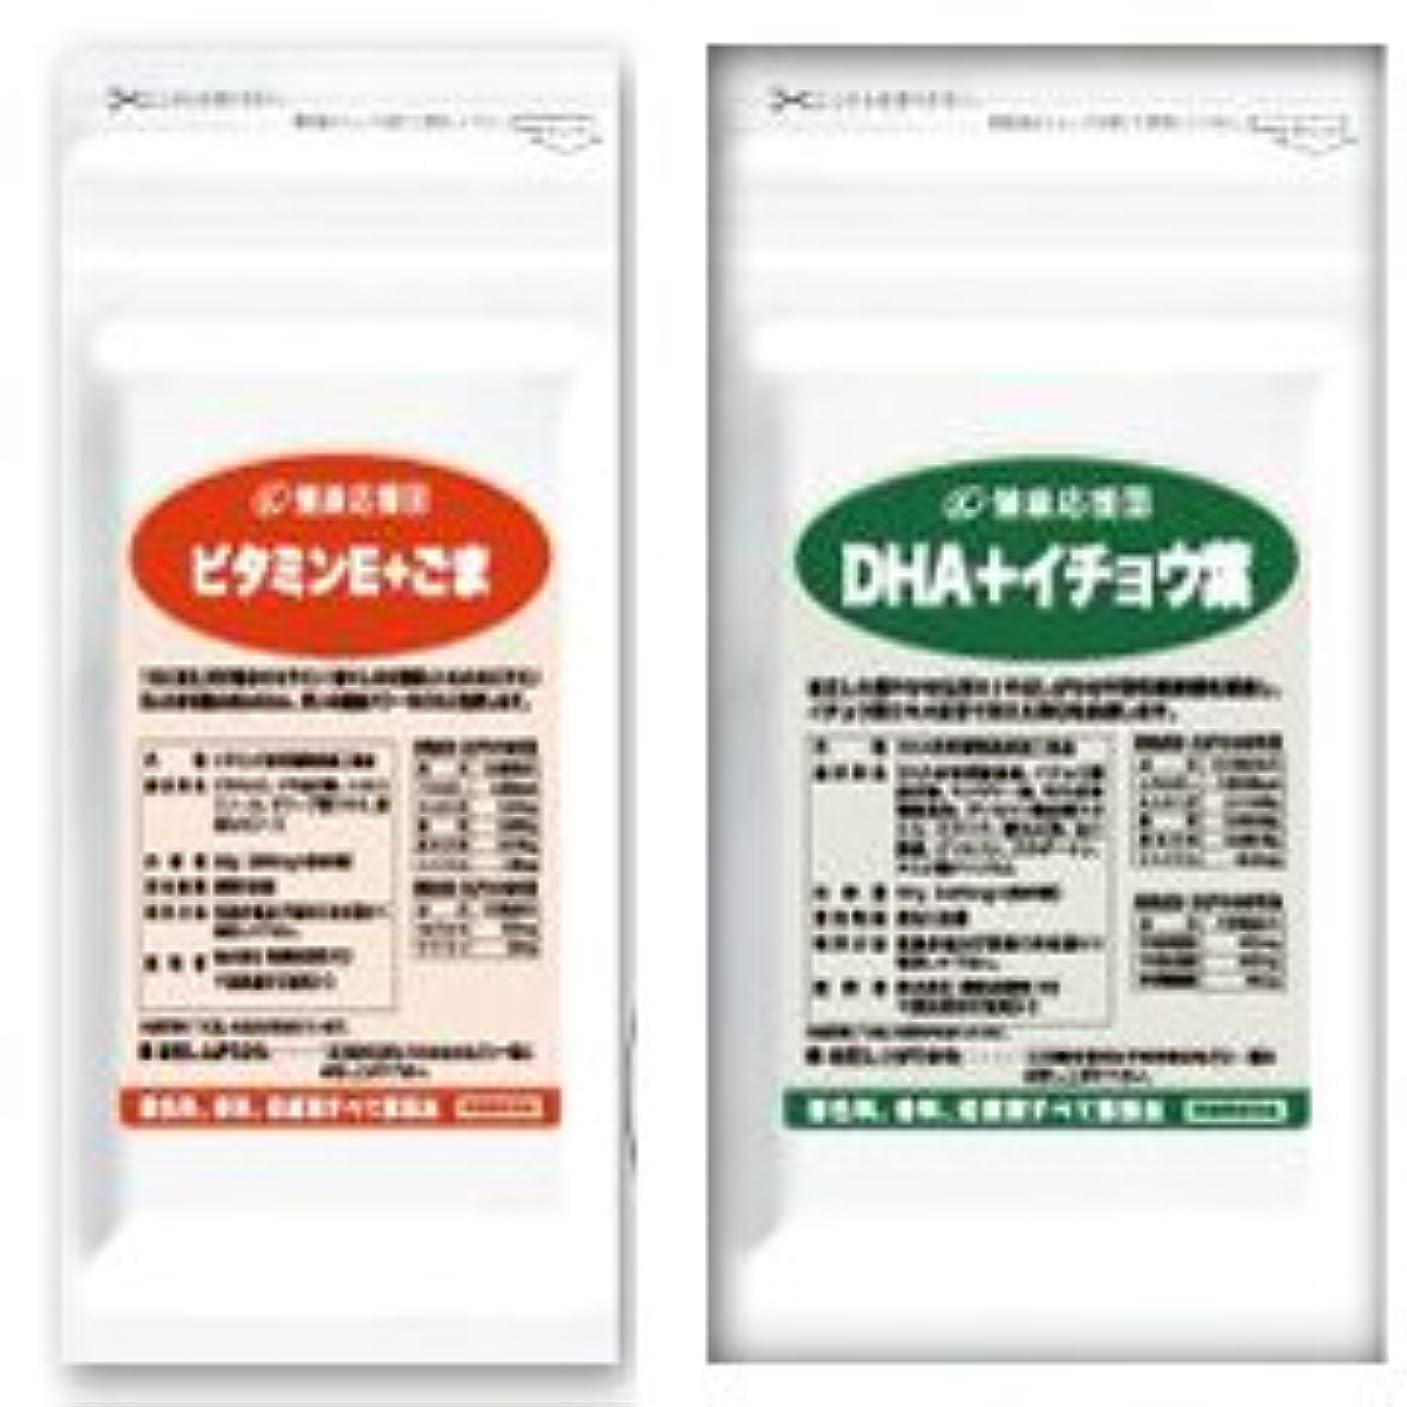 シャークなんとなく超越する毎日元気セット (ビタミンE+ごま) + (DHA+イチョウ葉エキス) (DHA?EPA?ビタミンE?セサミン)